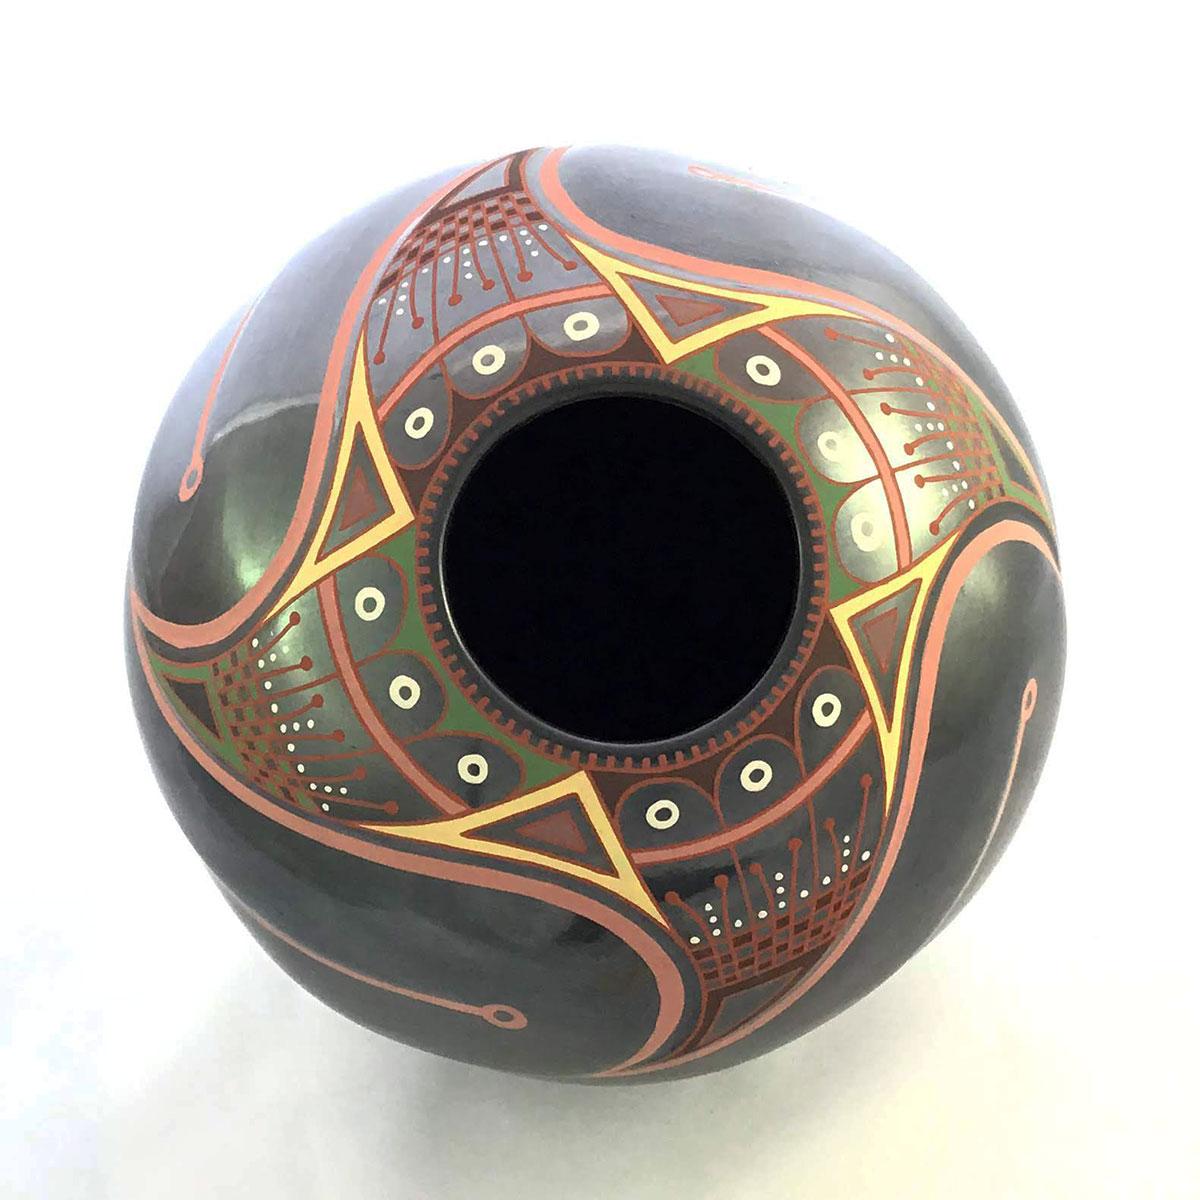 Cesar Dominguez Nunez Cesar Dominguez Nuñez: Colorful Mid-sized Pot Mata Ortiz Pottery